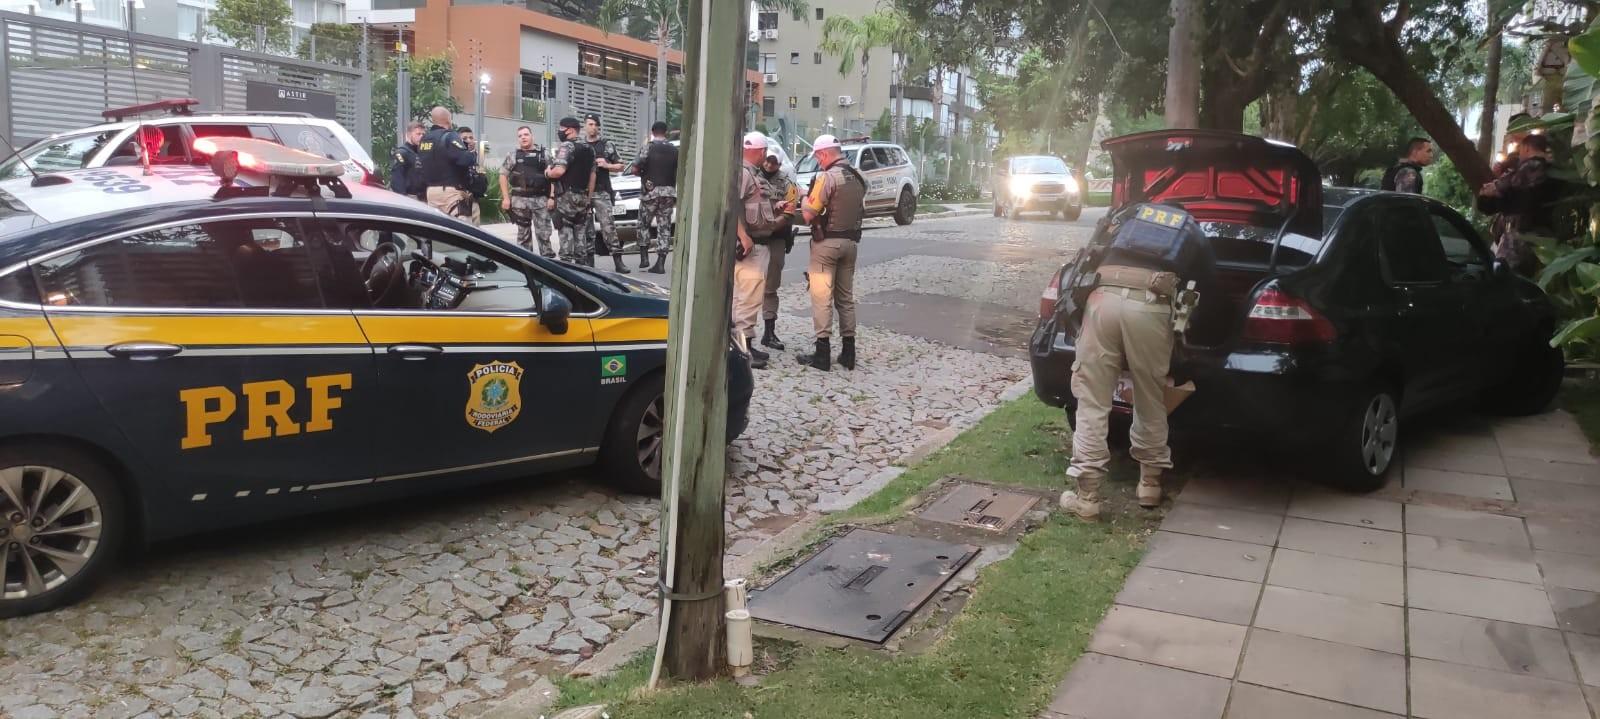 Homem é preso escondido em lixeira após perseguição em Porto Alegre, diz PRF; VÍDEO